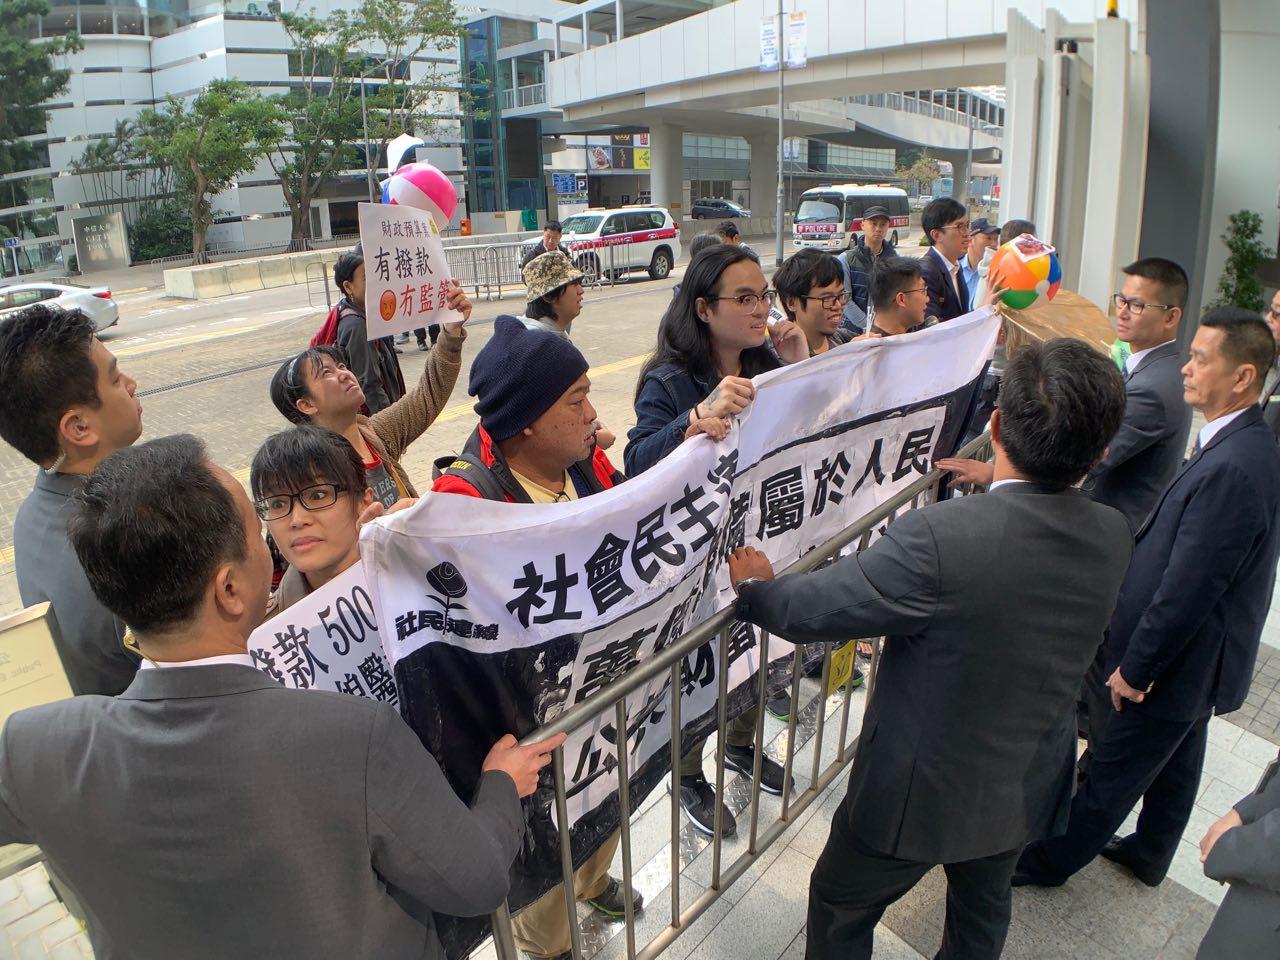 社民連成員向財政司司長陳茂波送波,要求還富於民。(李逸/大紀元)